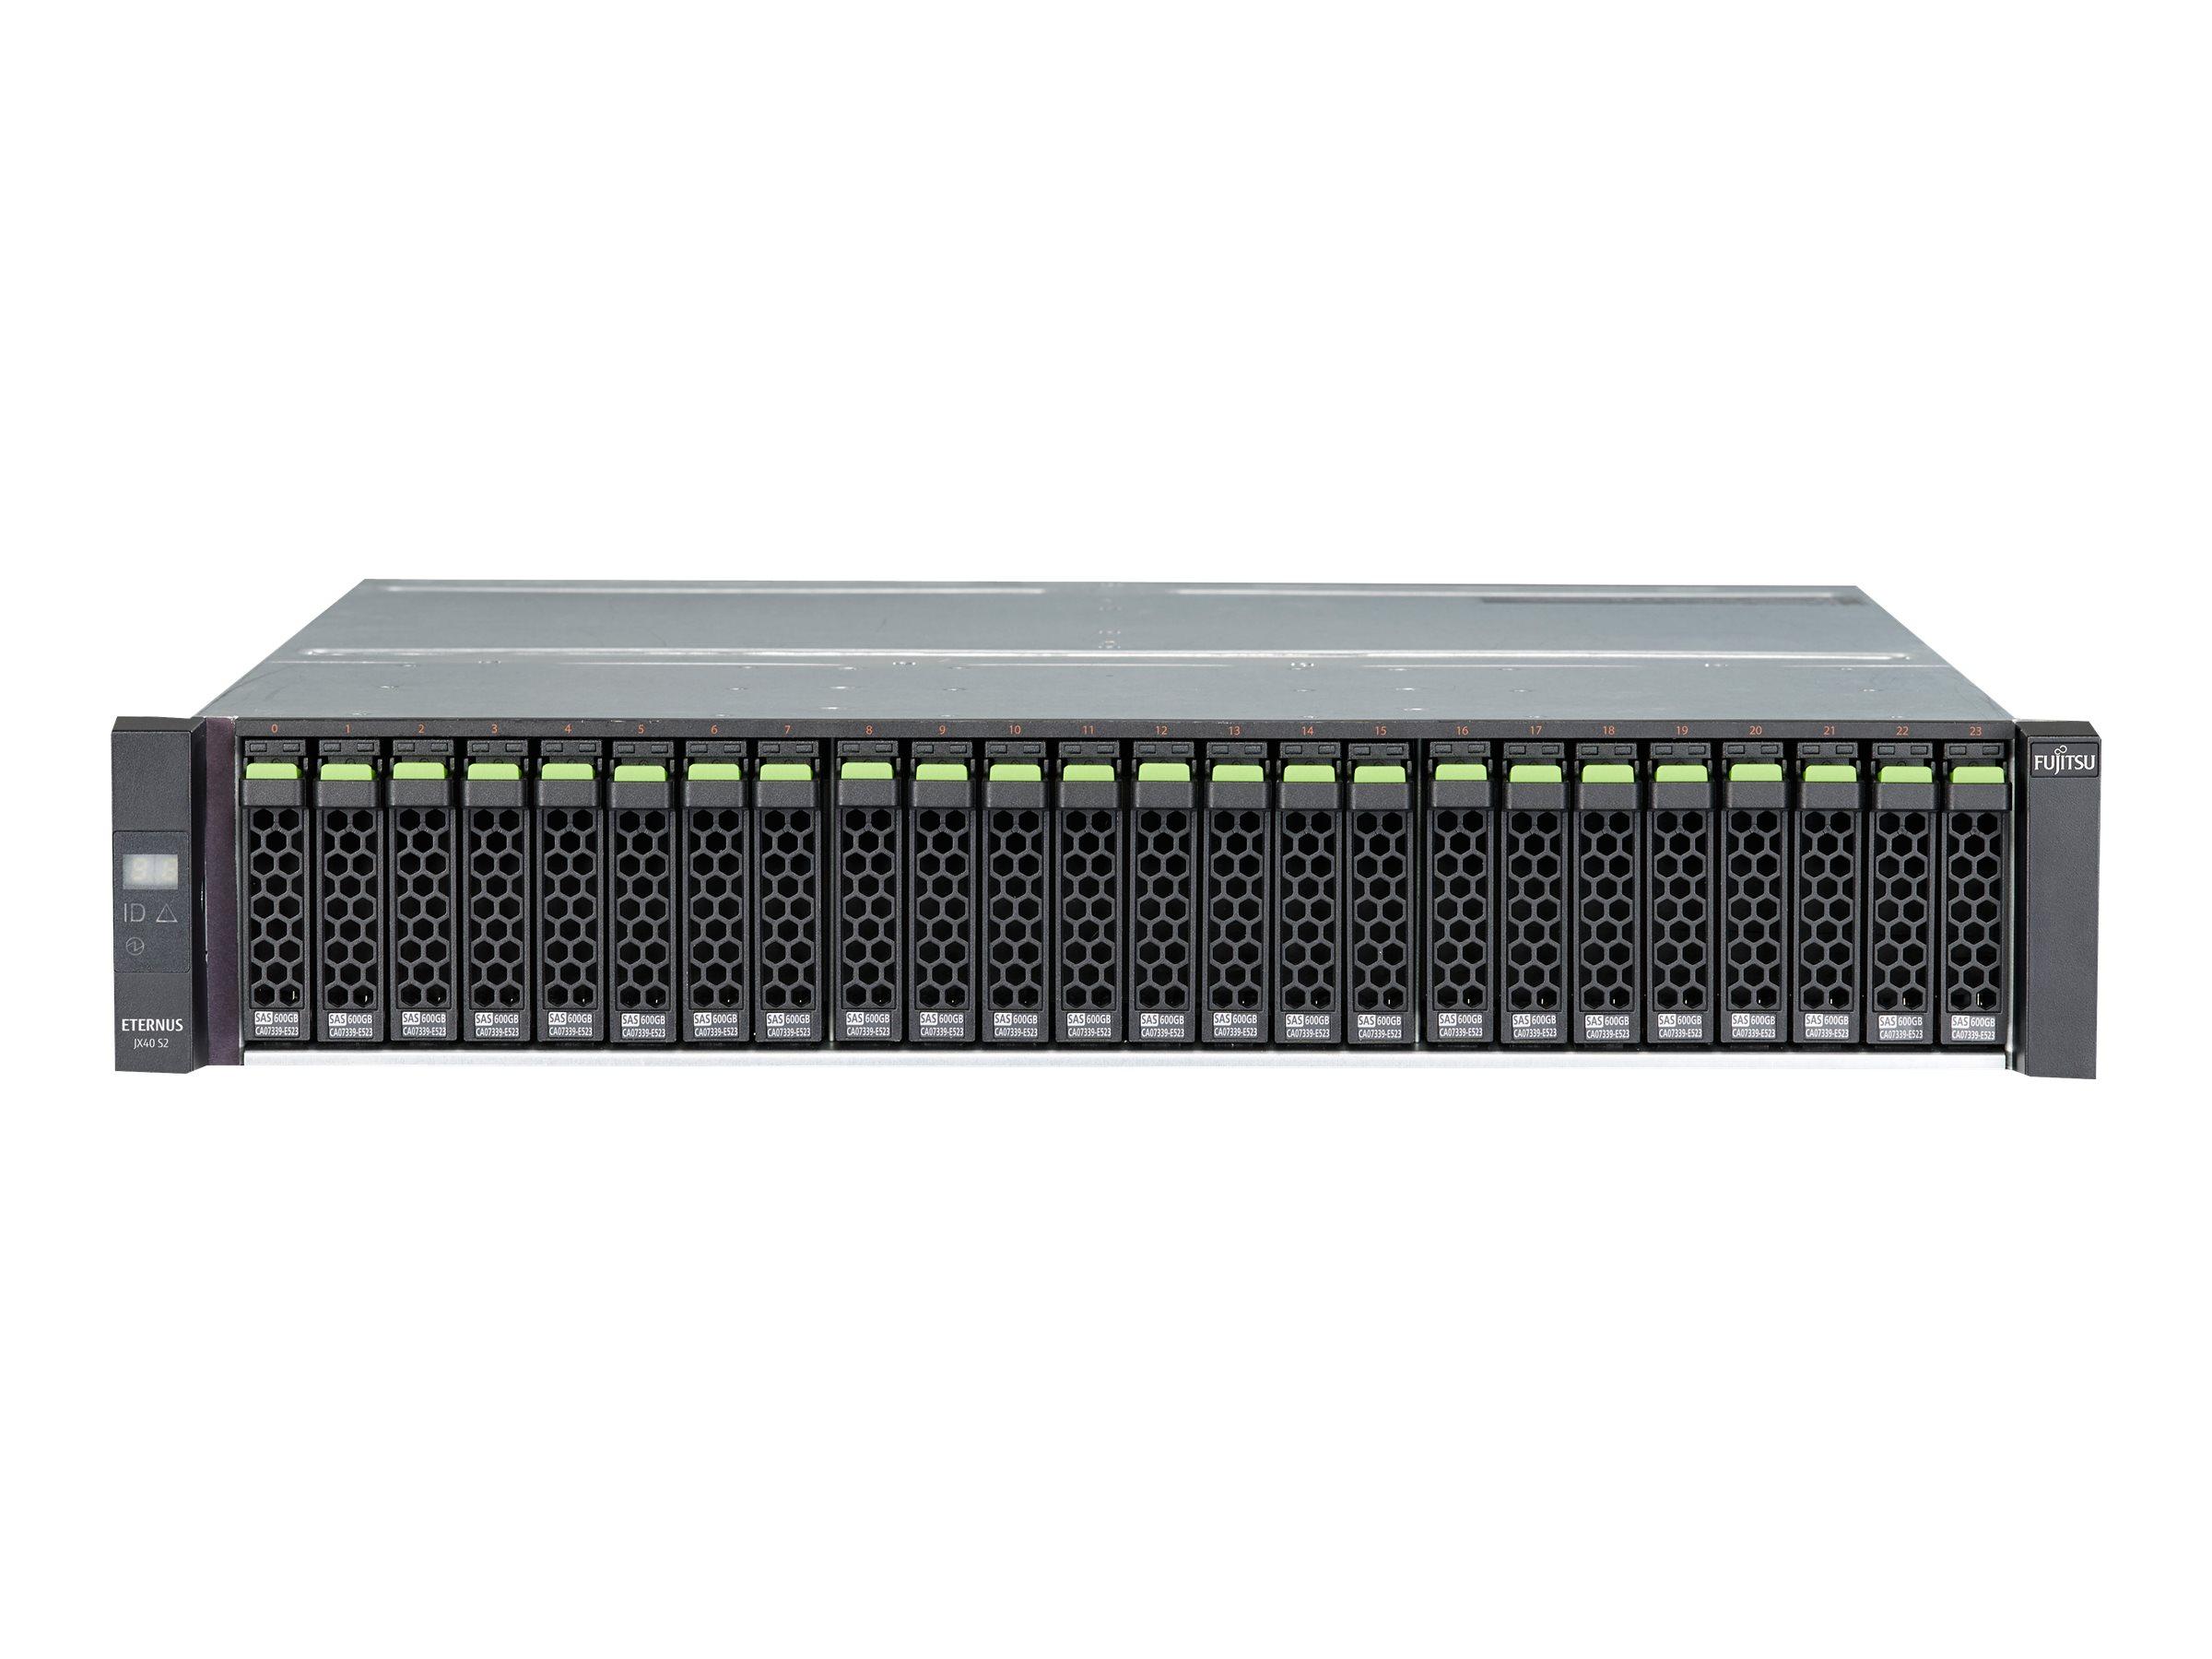 Fujitsu ETERNUS JX 40 S2 - Speichergehäuse - 12 Schächte (SAS-3) - Rack - einbaufähig - 2U